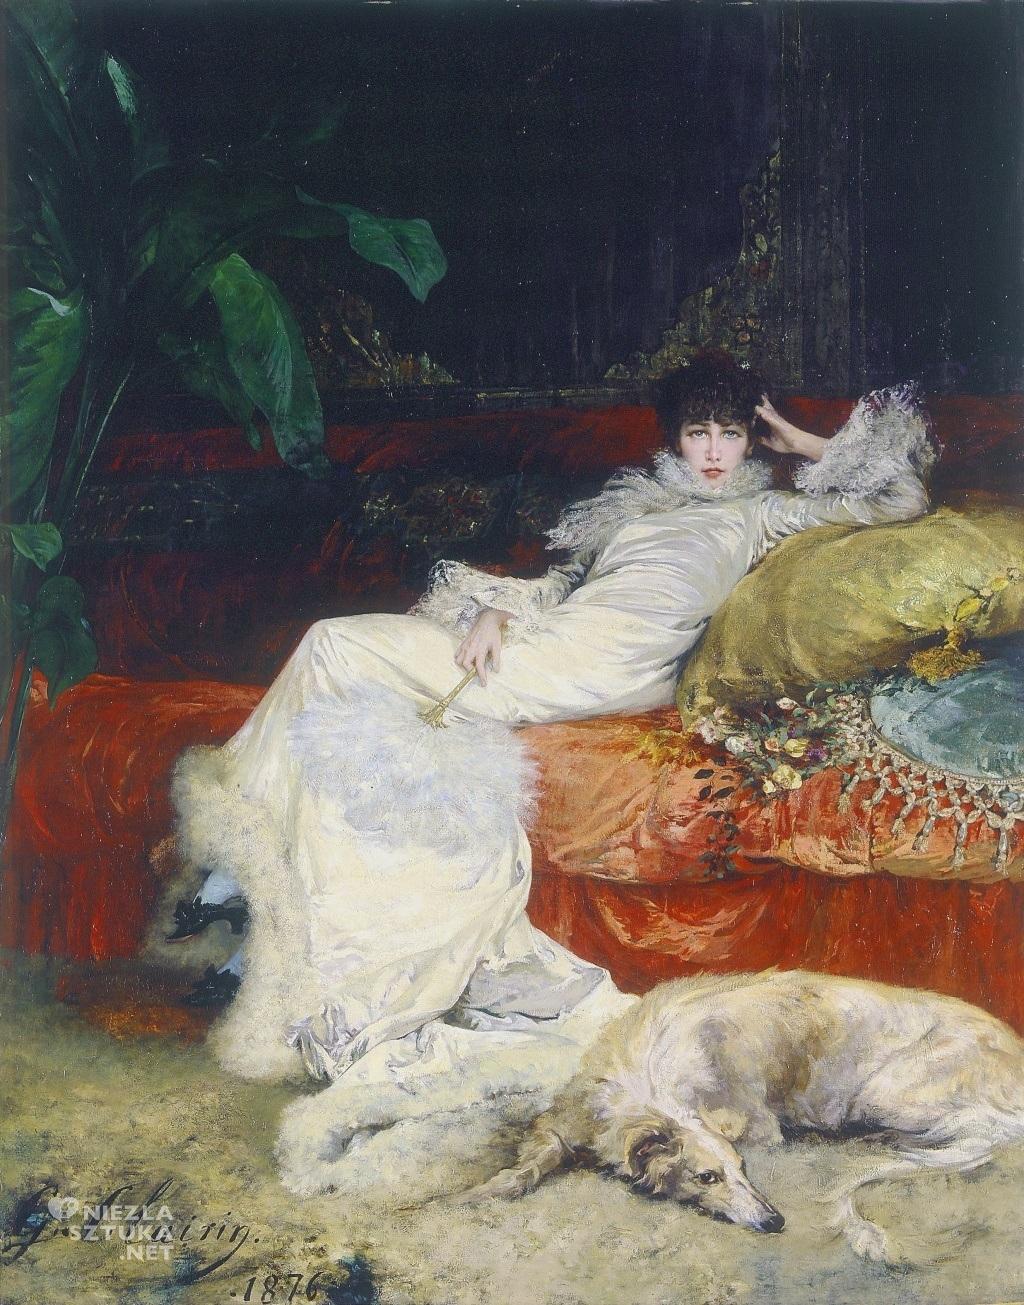 Sarah Bernhardt, Niezła sztuka